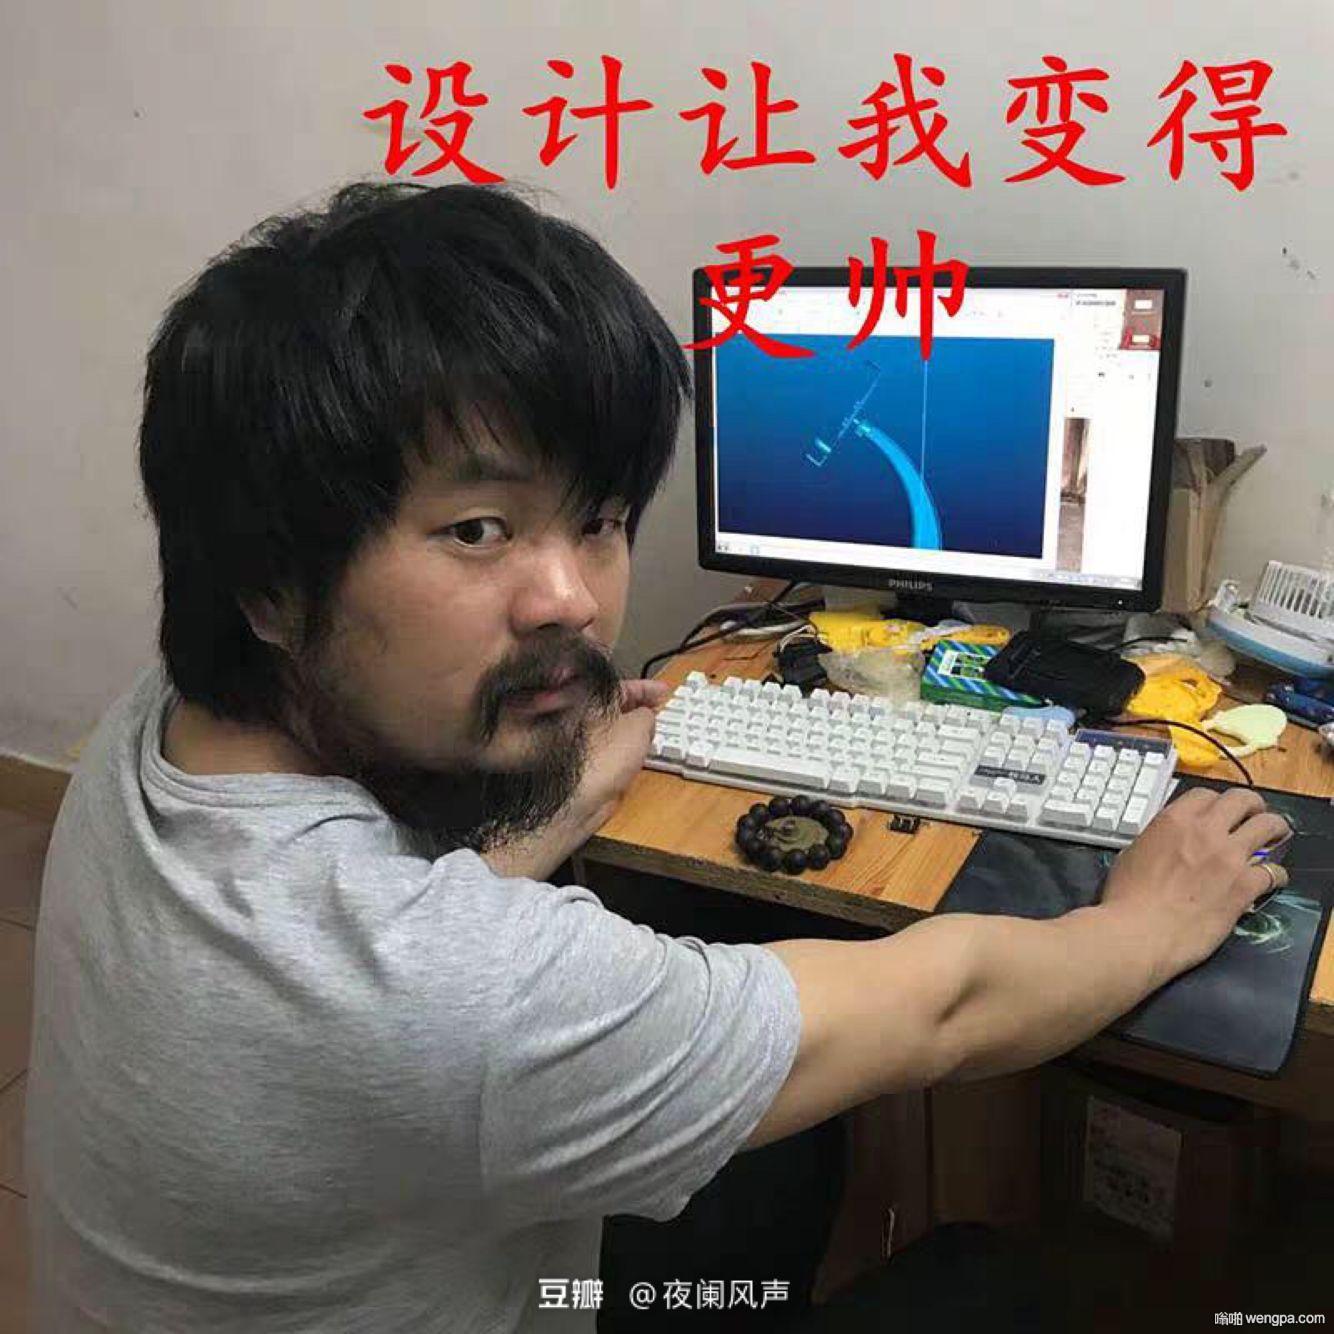 【搞笑图片】淘宝上刷到的一个3d设计师 笑si了(4p)